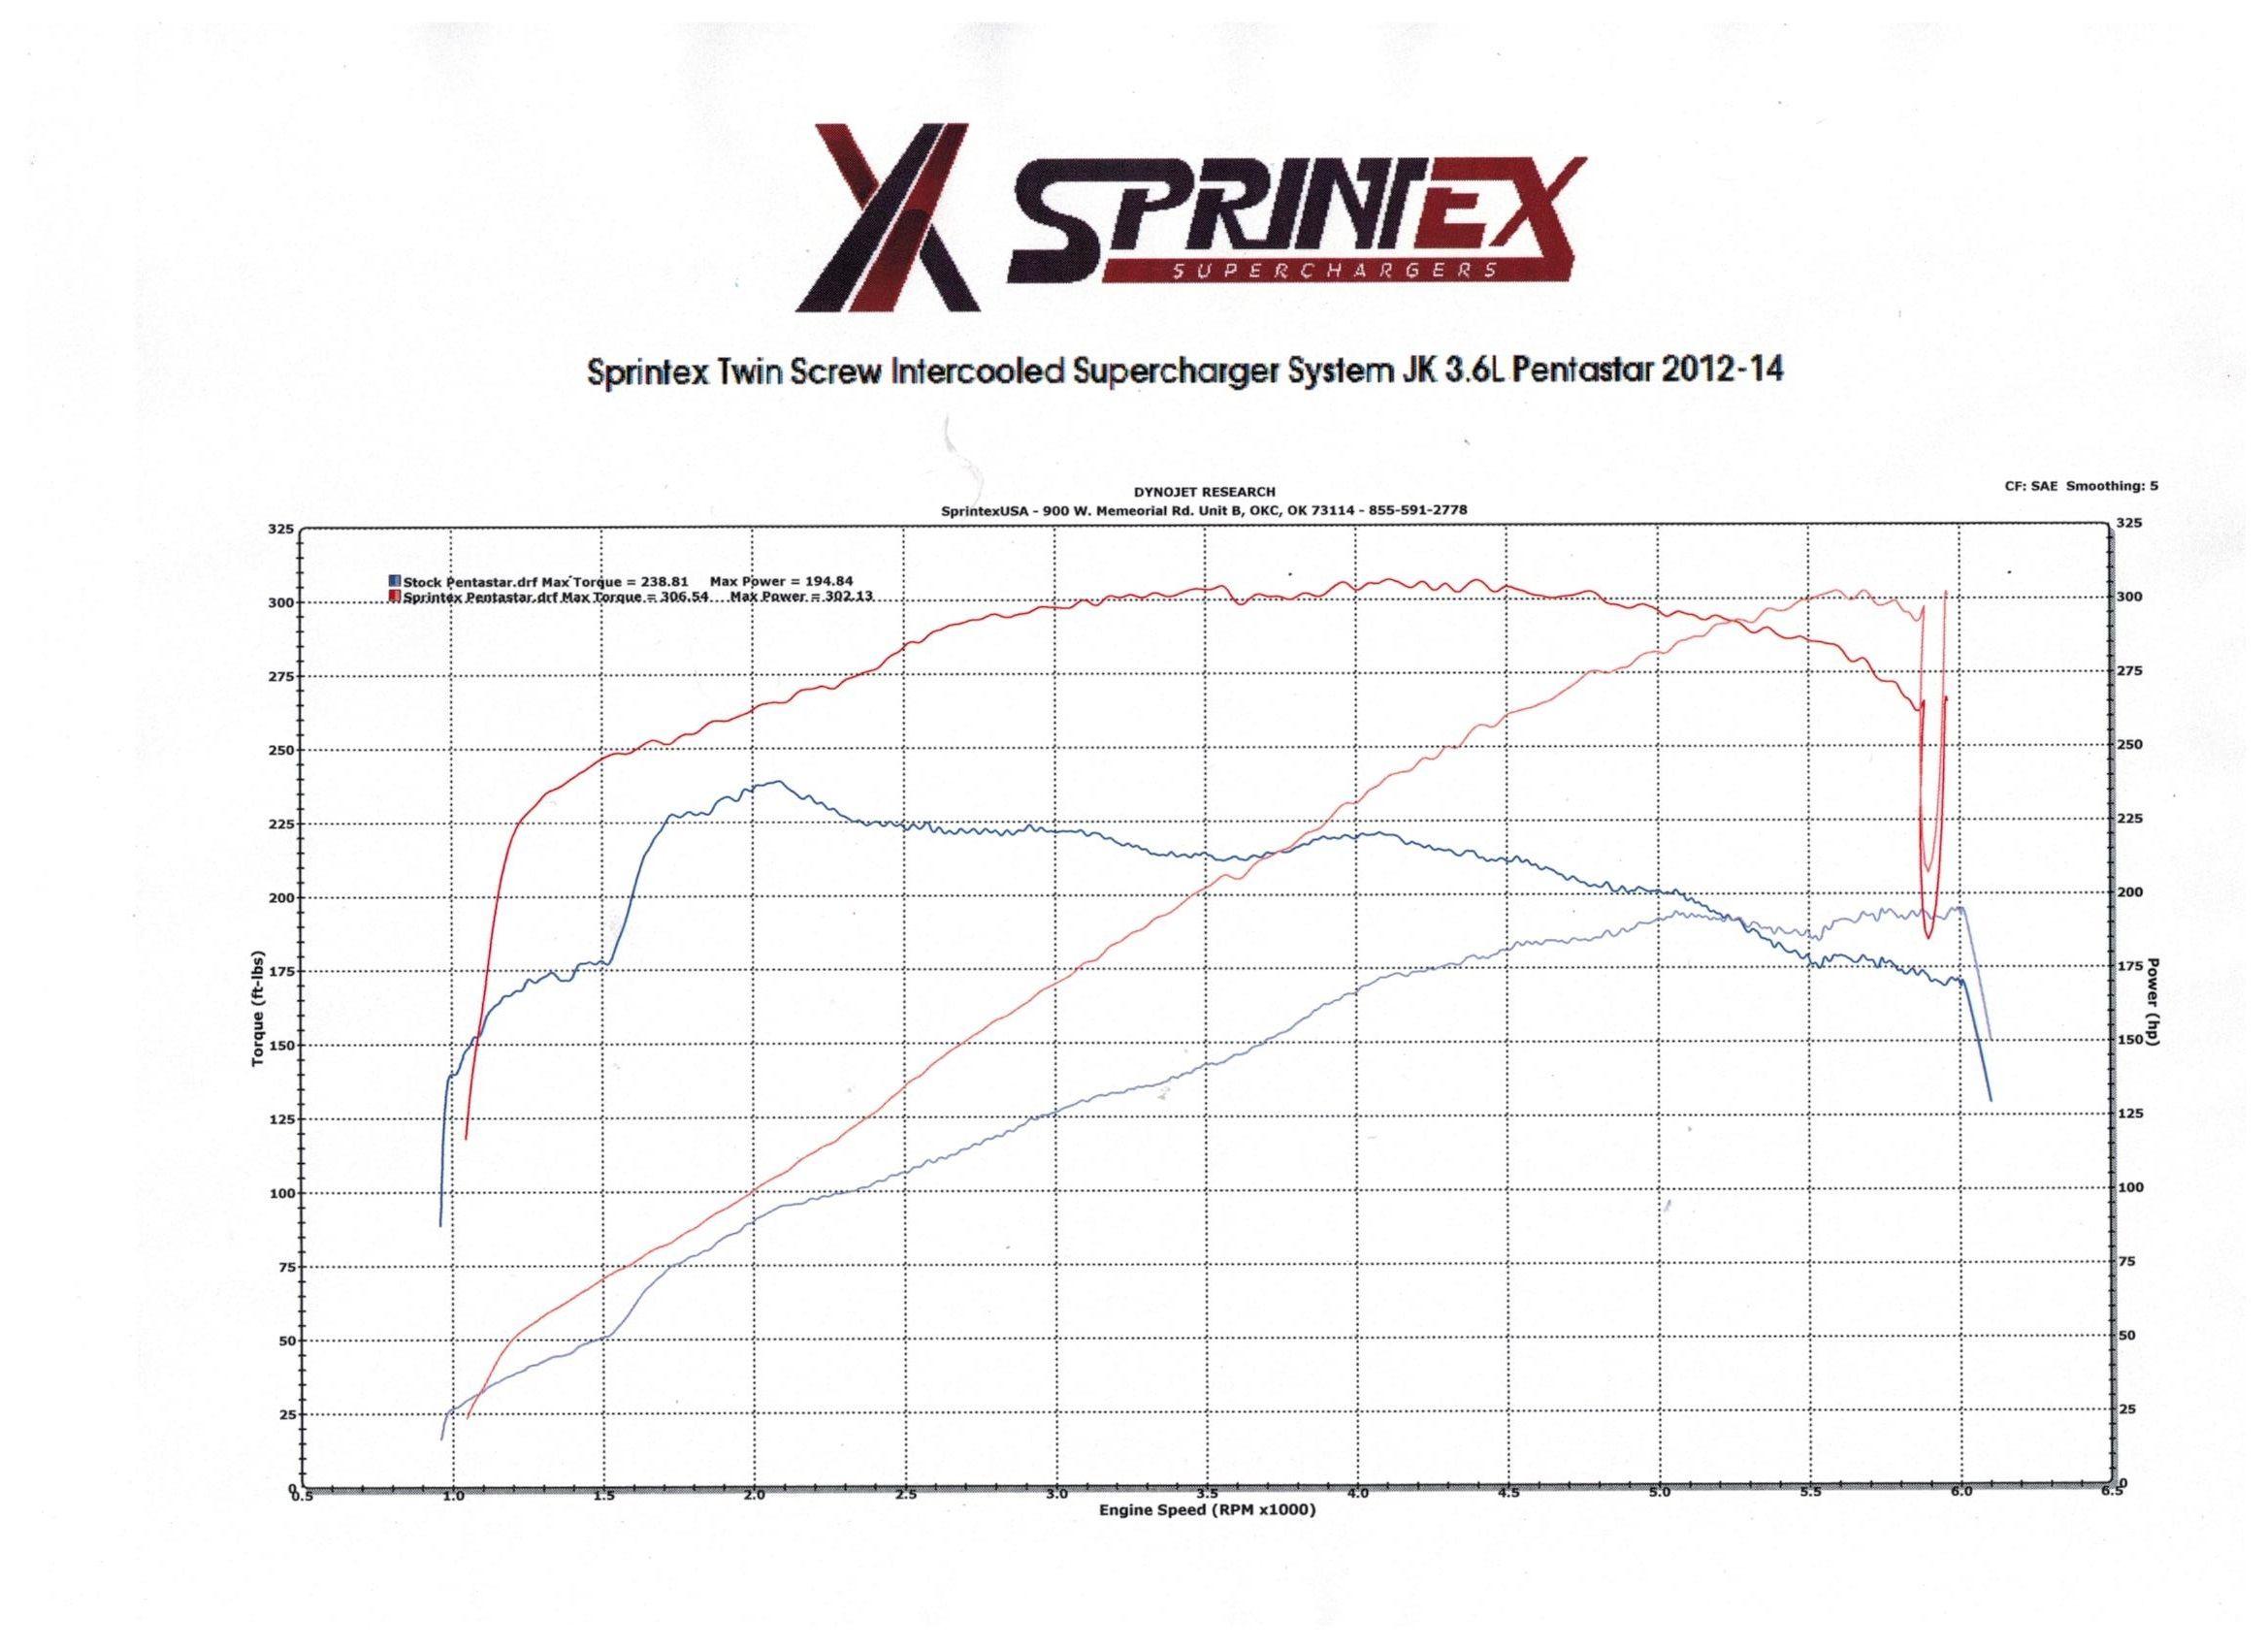 6cc0e85d00904ced7922f3b2a599001e everstart battery charger wiring diagram turcolea com everstart battery charger wiring diagram at mifinder.co